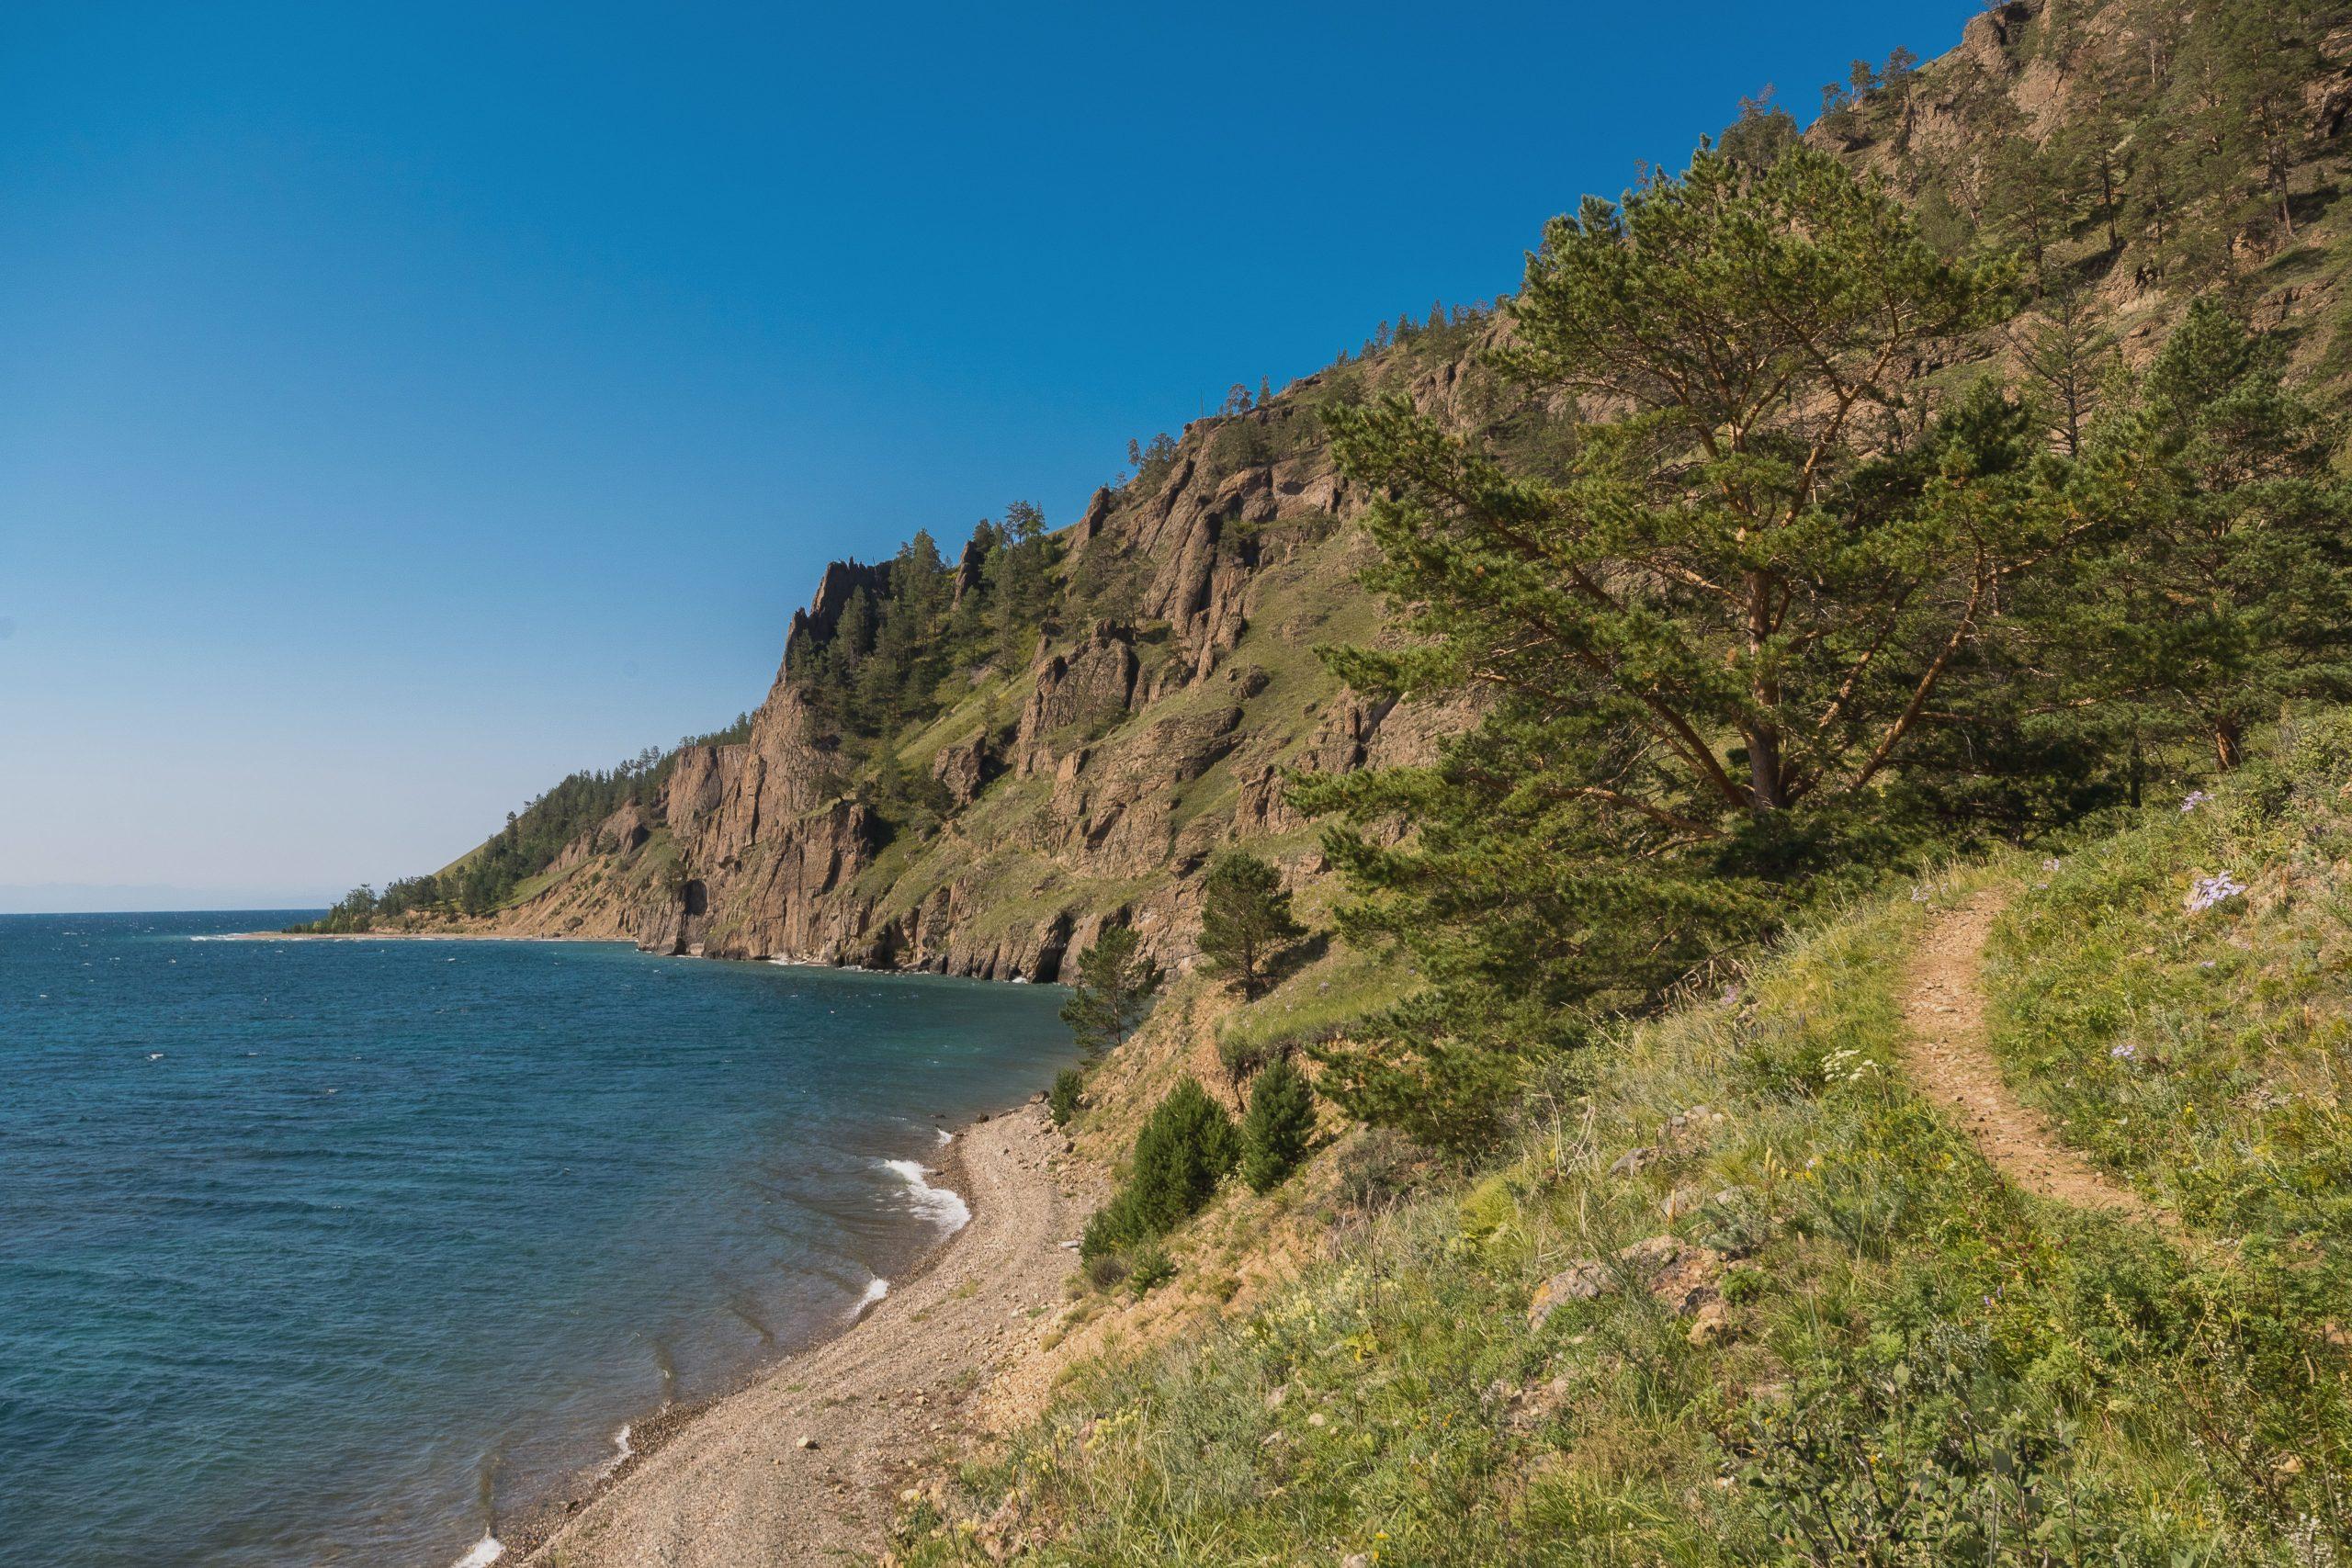 Großer Baikaltrail entlang der Küste des Baikalsees